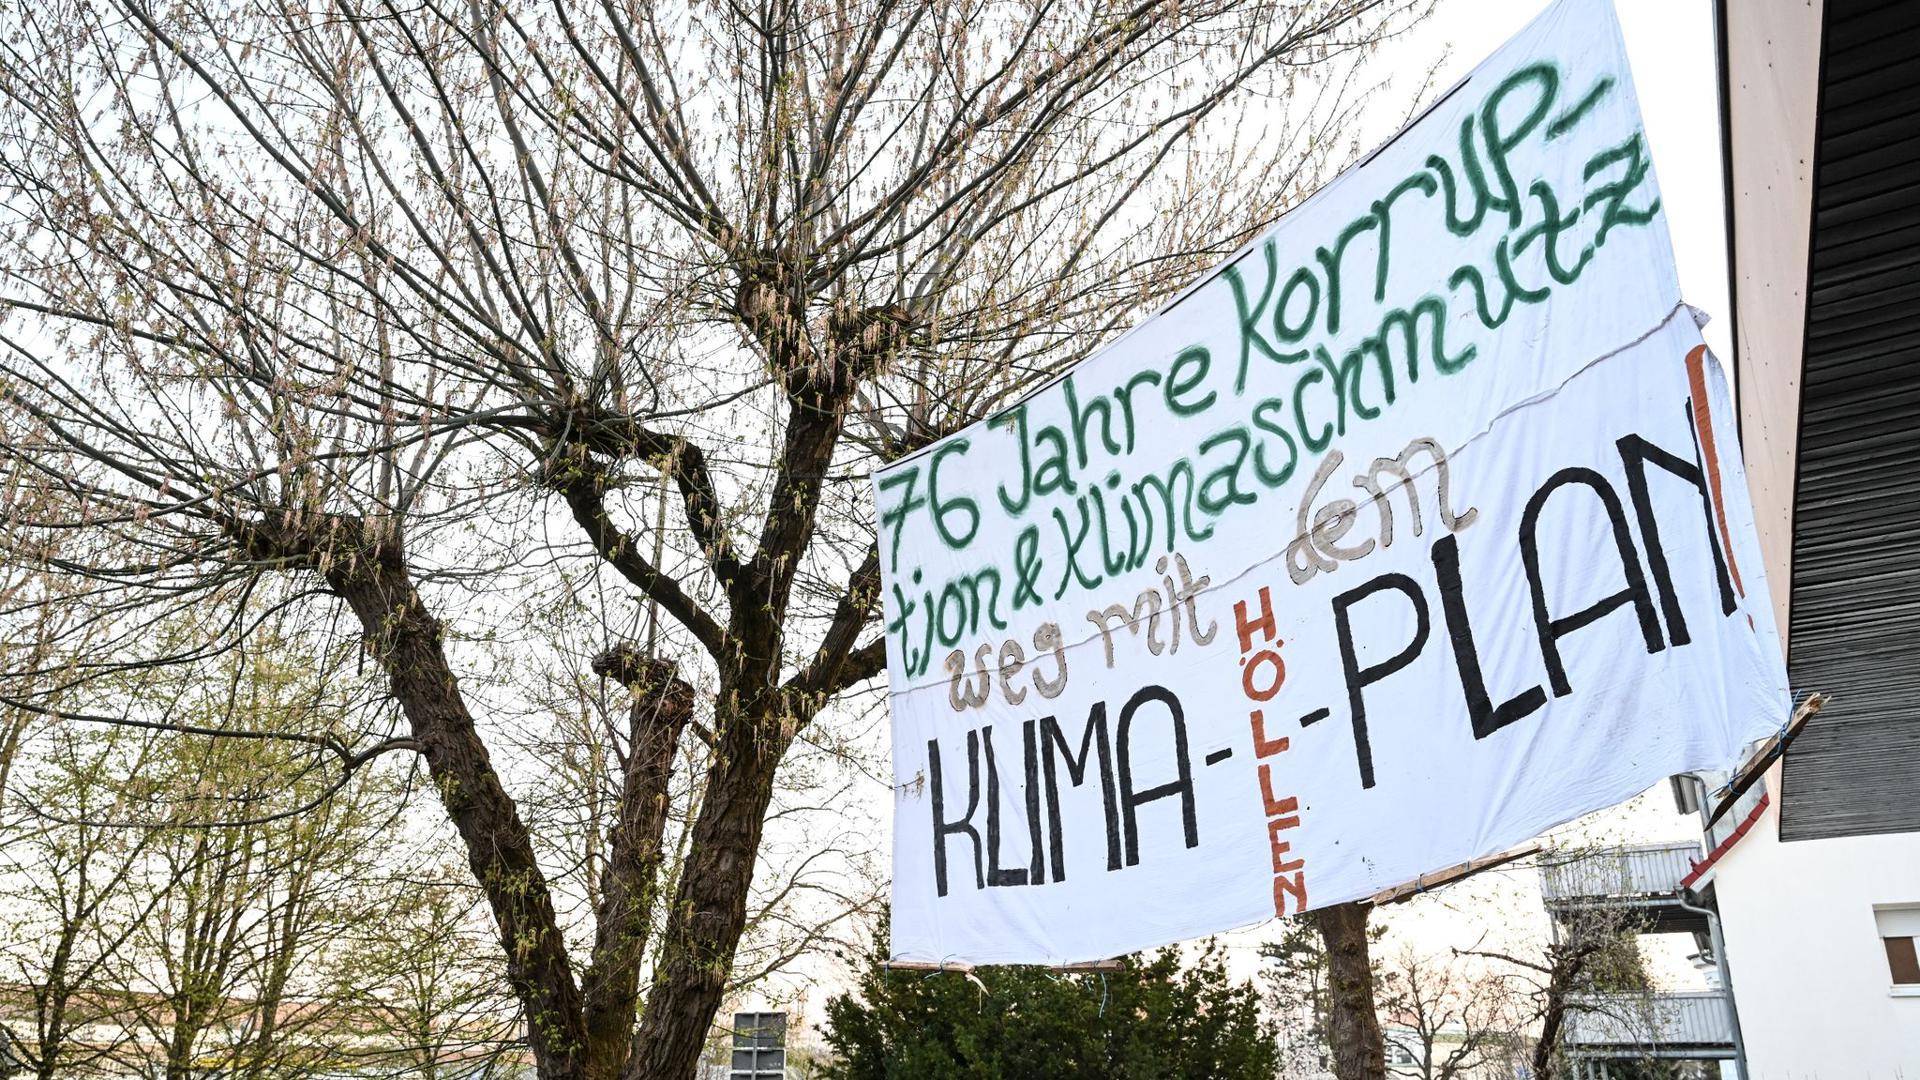 """Ein Plakat mit der Aufschrift """"76 Jahre Korruption und Klimaschmutz! Weg mit dem Klima-Höllen-Plan!"""" hängt am Bürogebäude des CDU-Kreisverbands Ravensburg."""